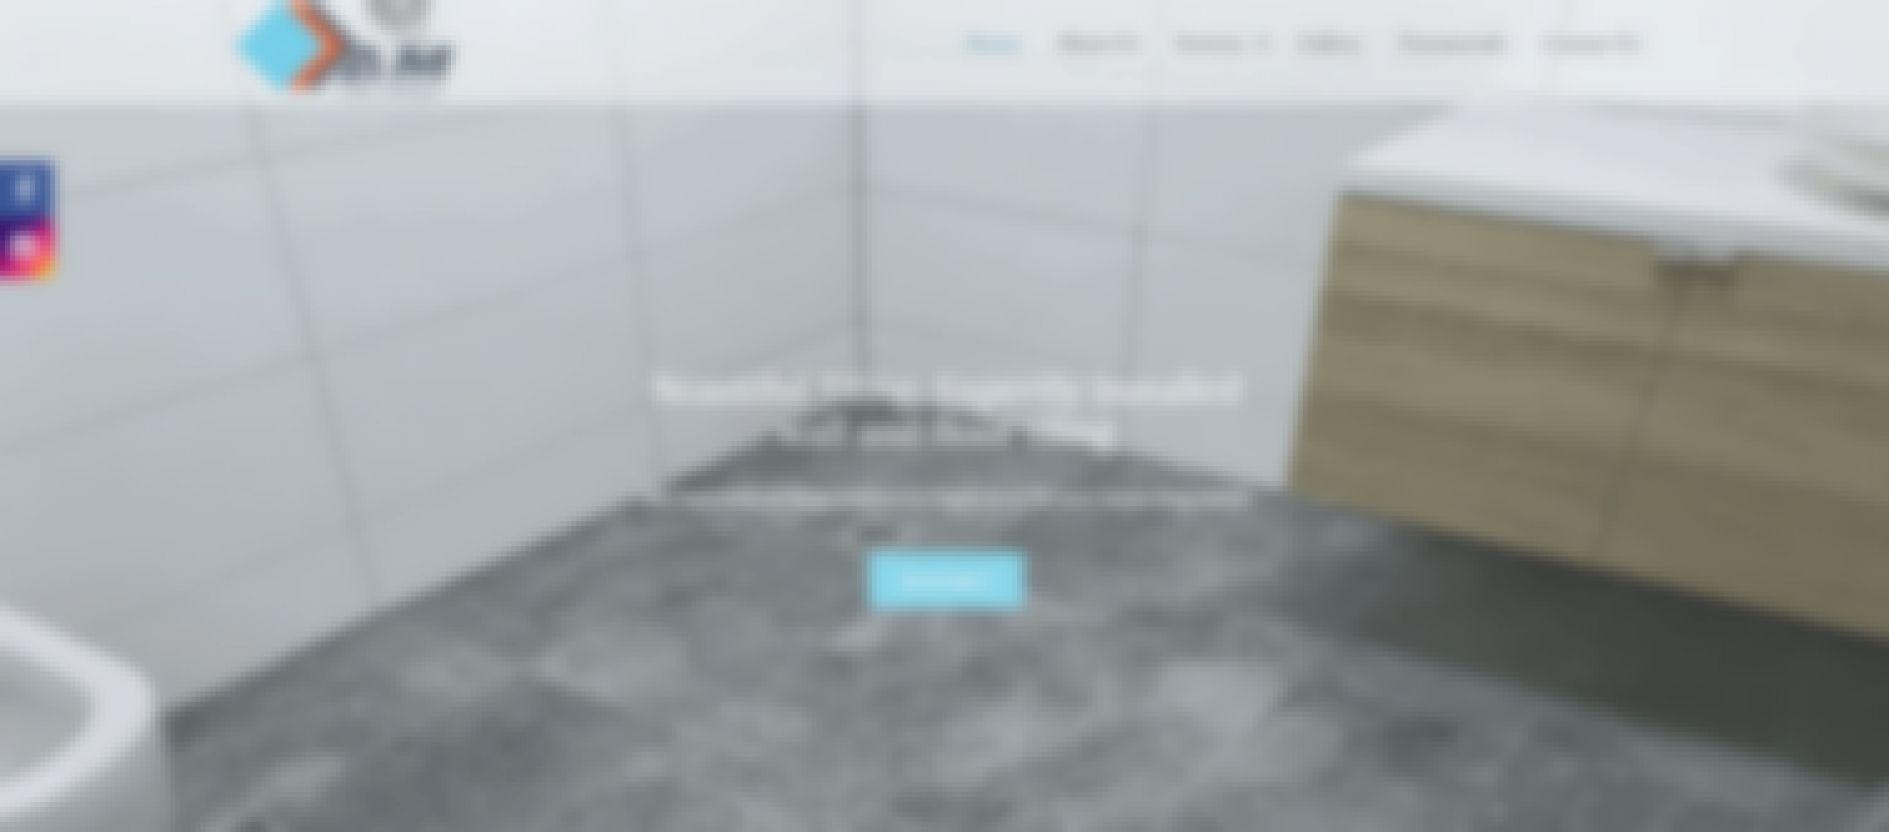 am tiling services